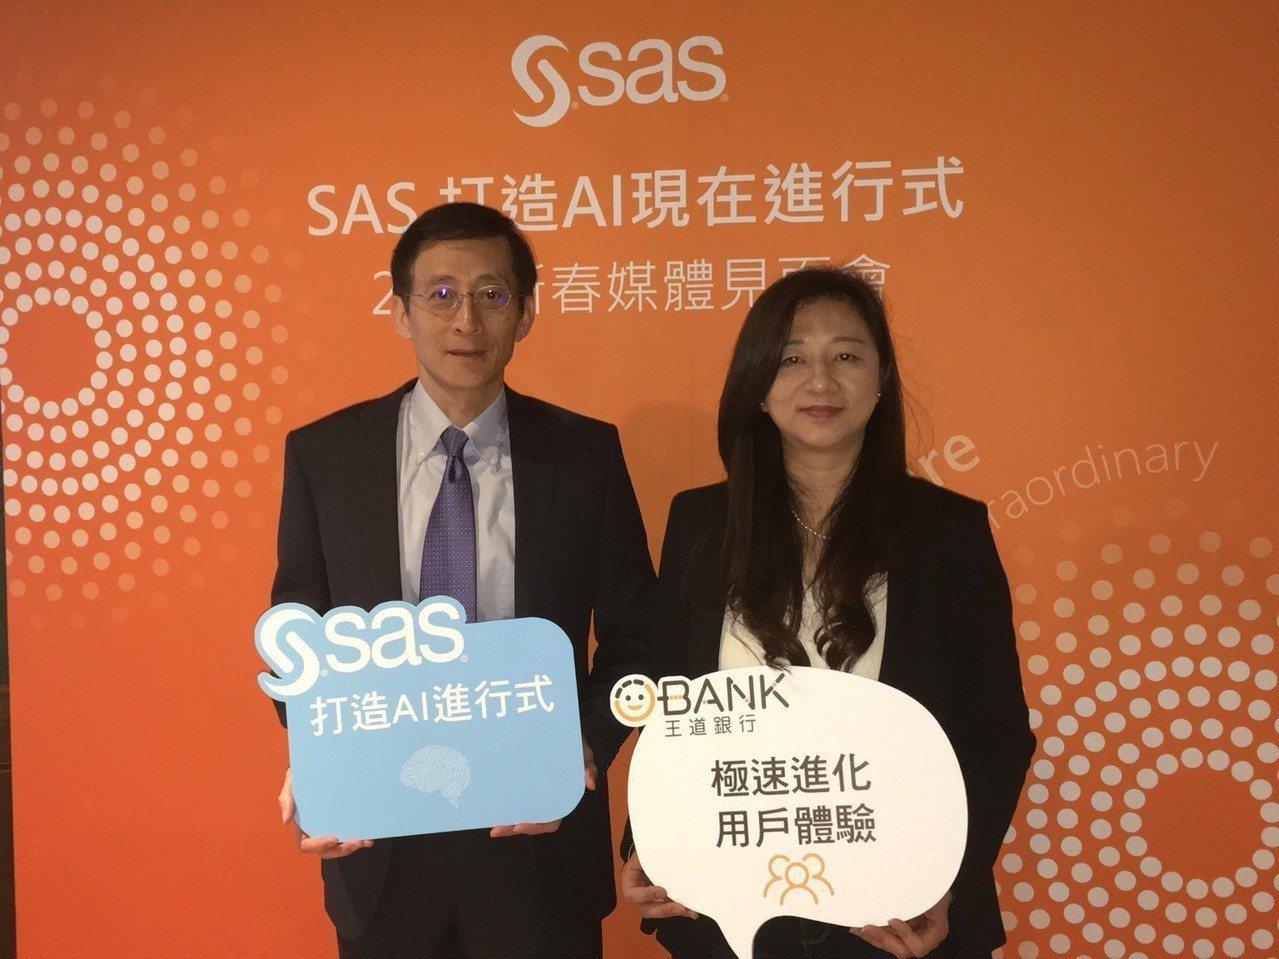 SAS台灣總經理陳愷新(左)與王道銀行數據經營部資深協理劉美美。記者尹慧中/攝影